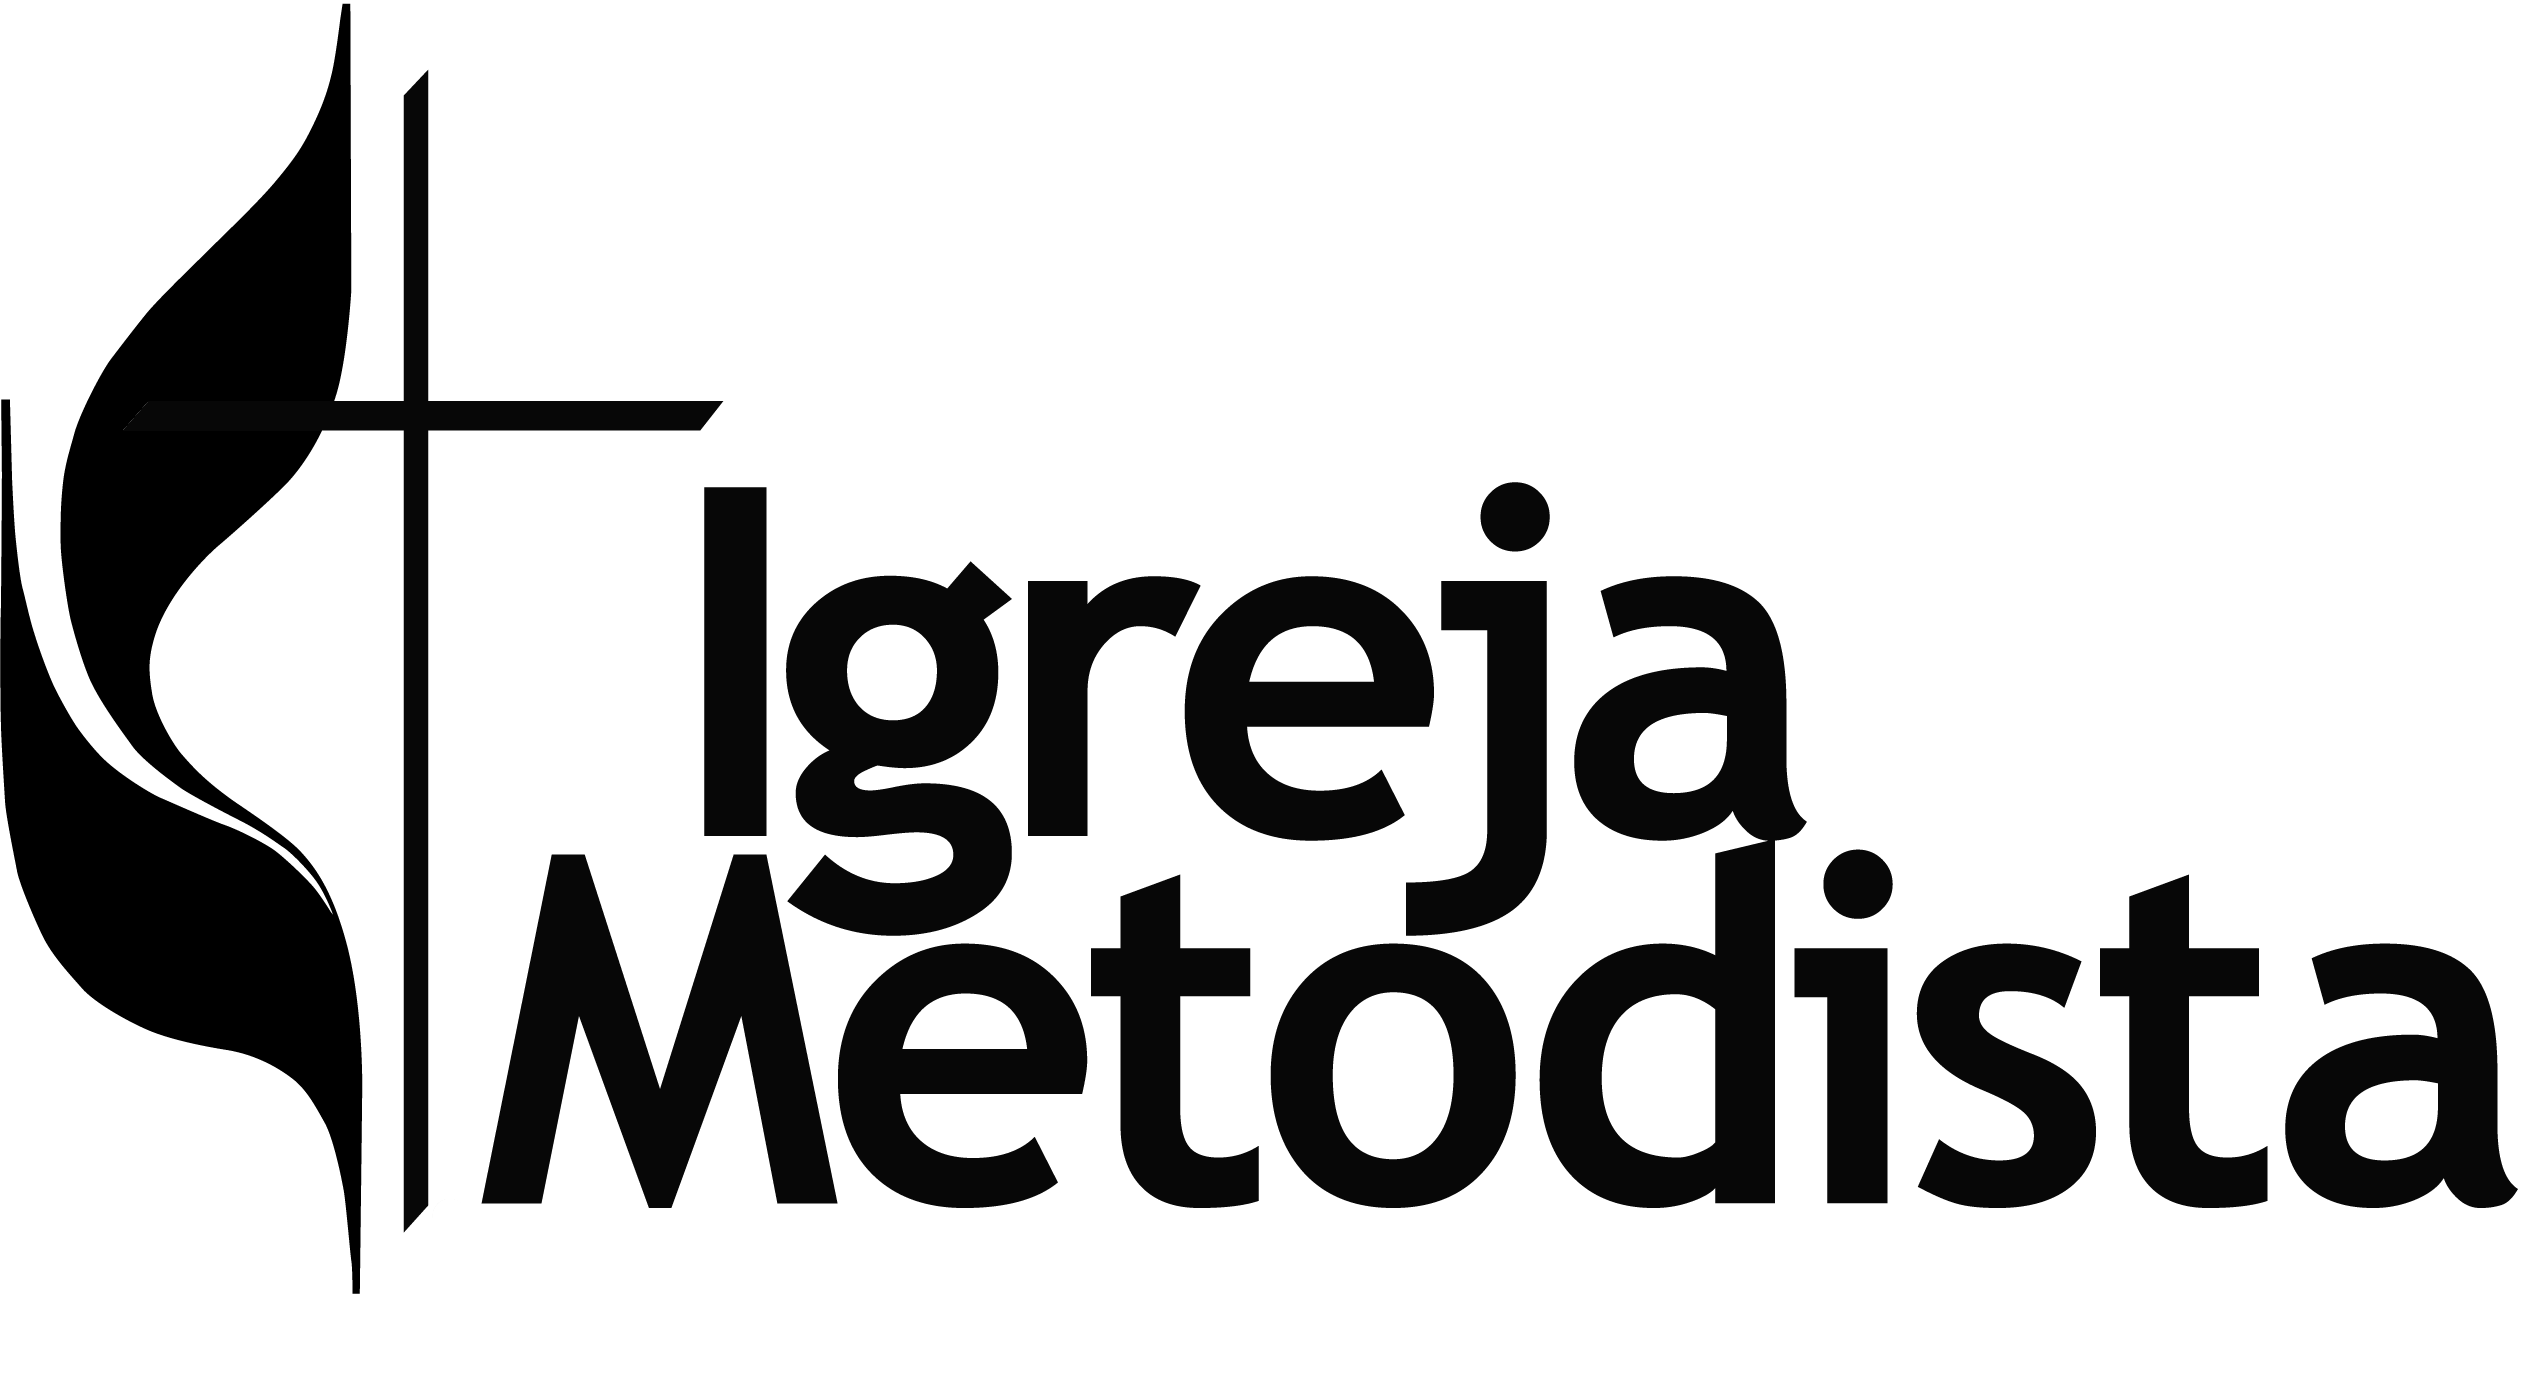 Logo igreja metodista png 7 » PNG Image.